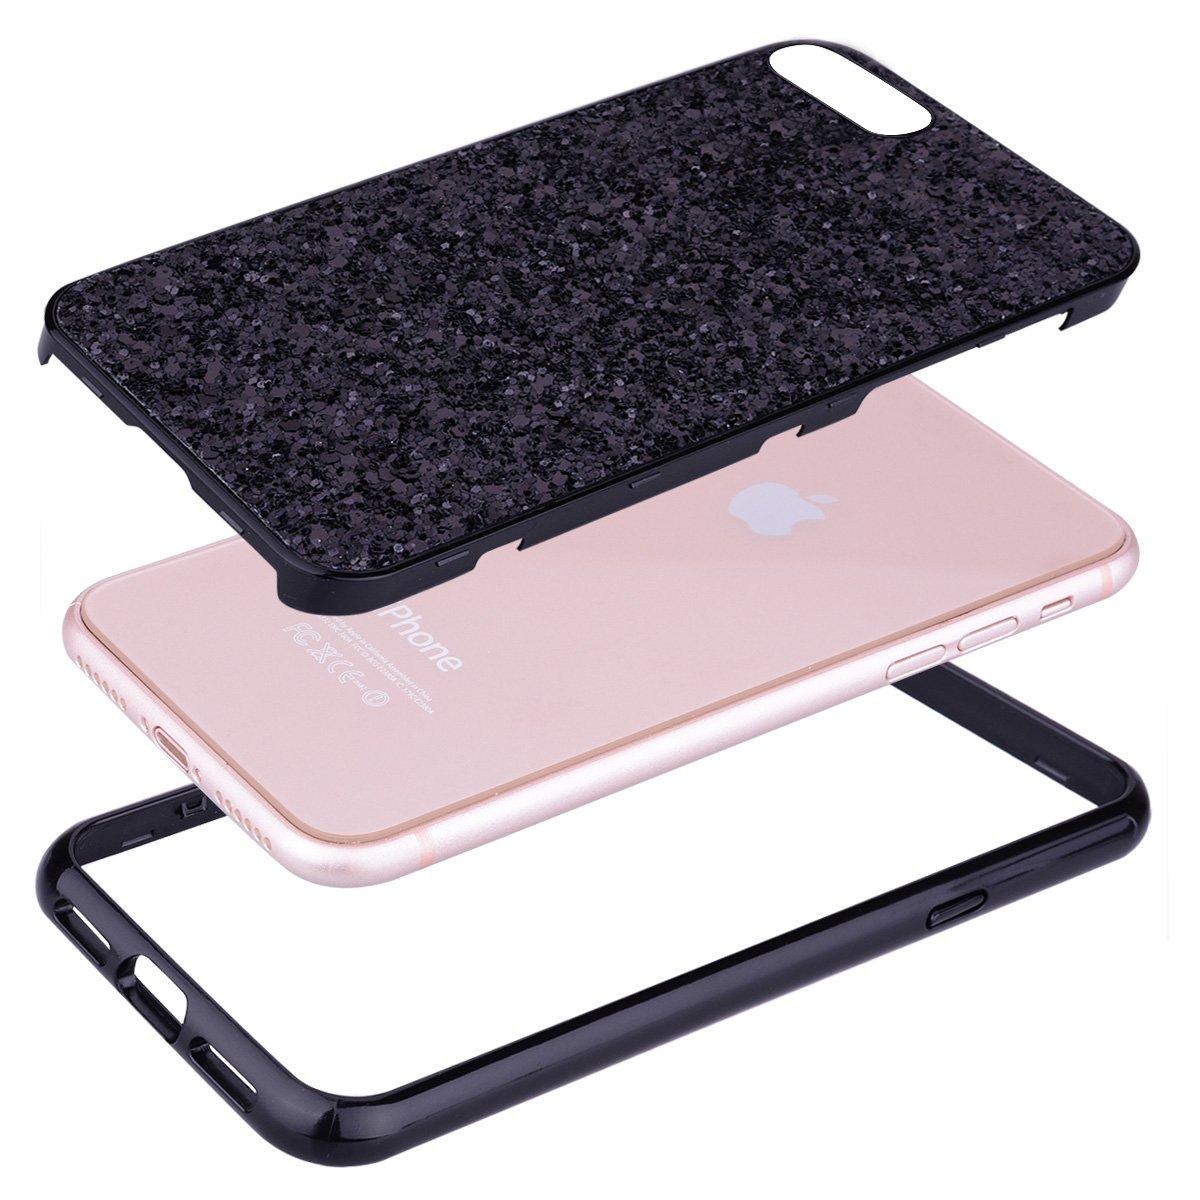 Or Rose Coque iPhone 6S Plus,Coque iPhone 6 Plus,Miroir Housse Coque Silicone TPU pour iPhone 6 Plus 6S Plus,Surakey Bling Briller Diamond Coque Miroir Etui TPU T/él/éphone Coque pour iPhone 6//6S Plus